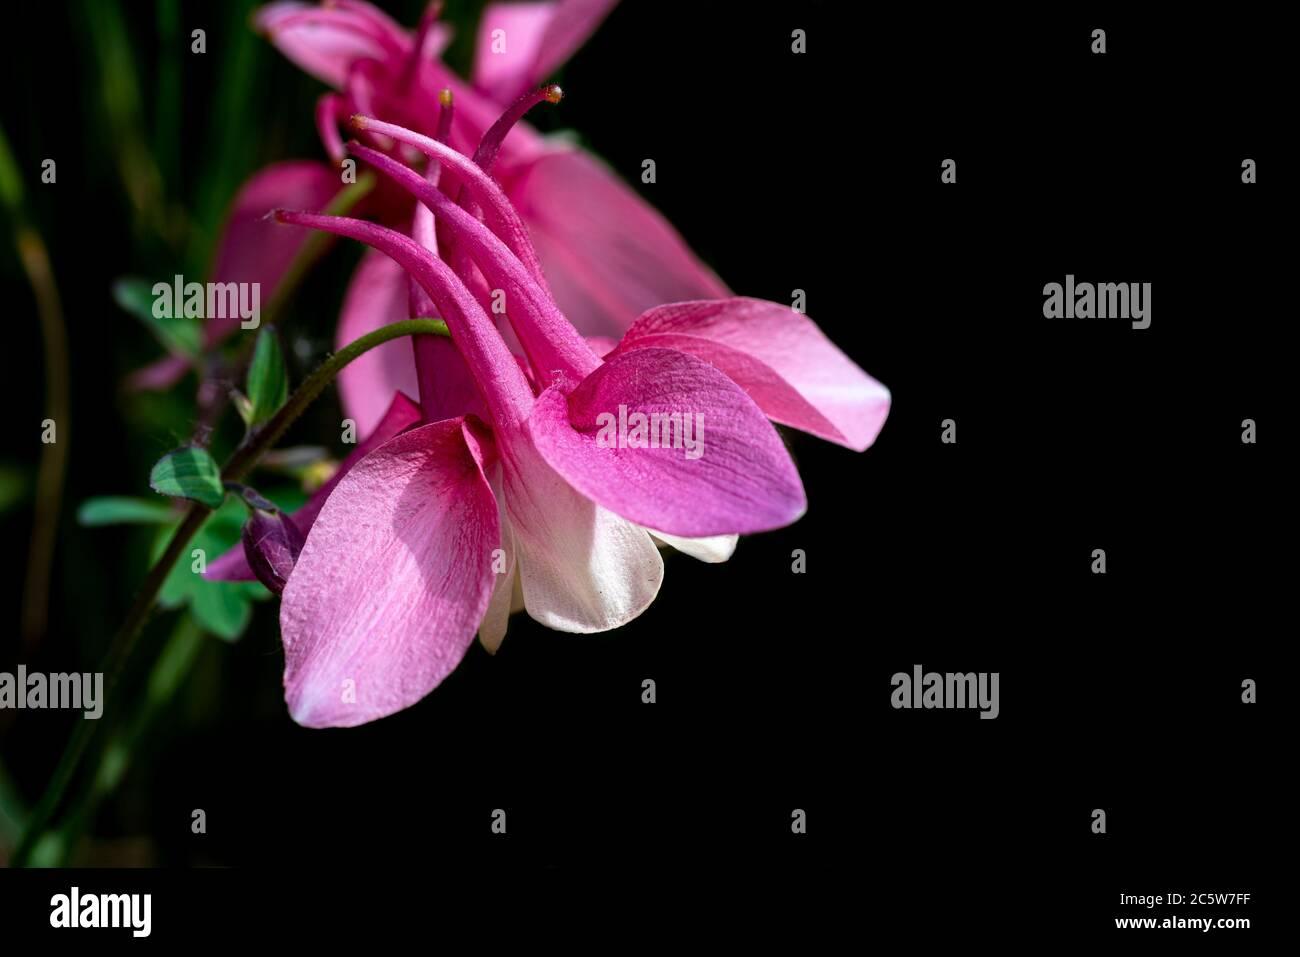 Aquilegia Frühling Magic Rose und Weiß, Frühling magische Serie, Ranunculaceae, aquilegia Stockfoto